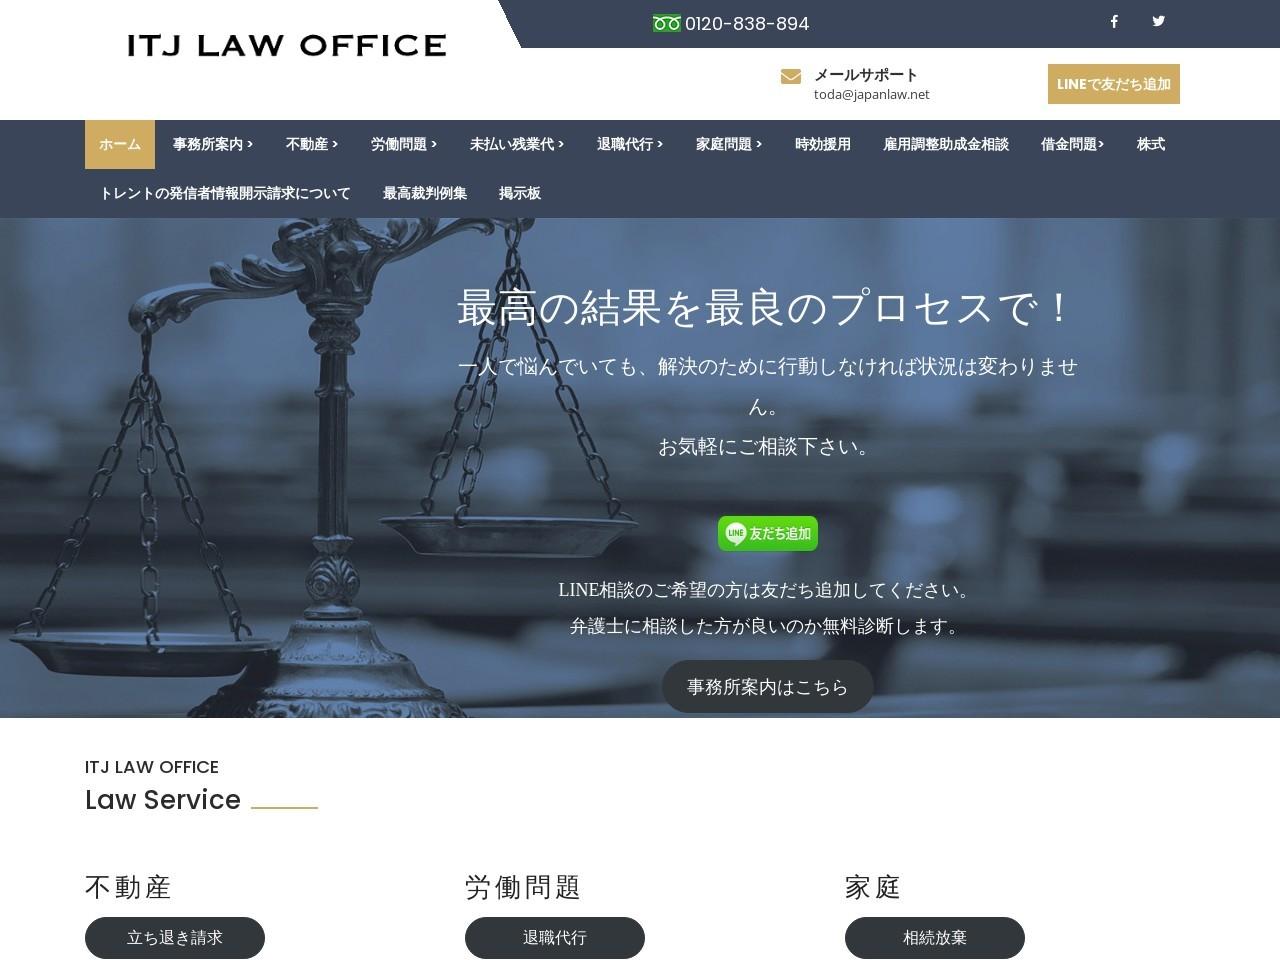 ITJ法律事務所(弁護士法人)